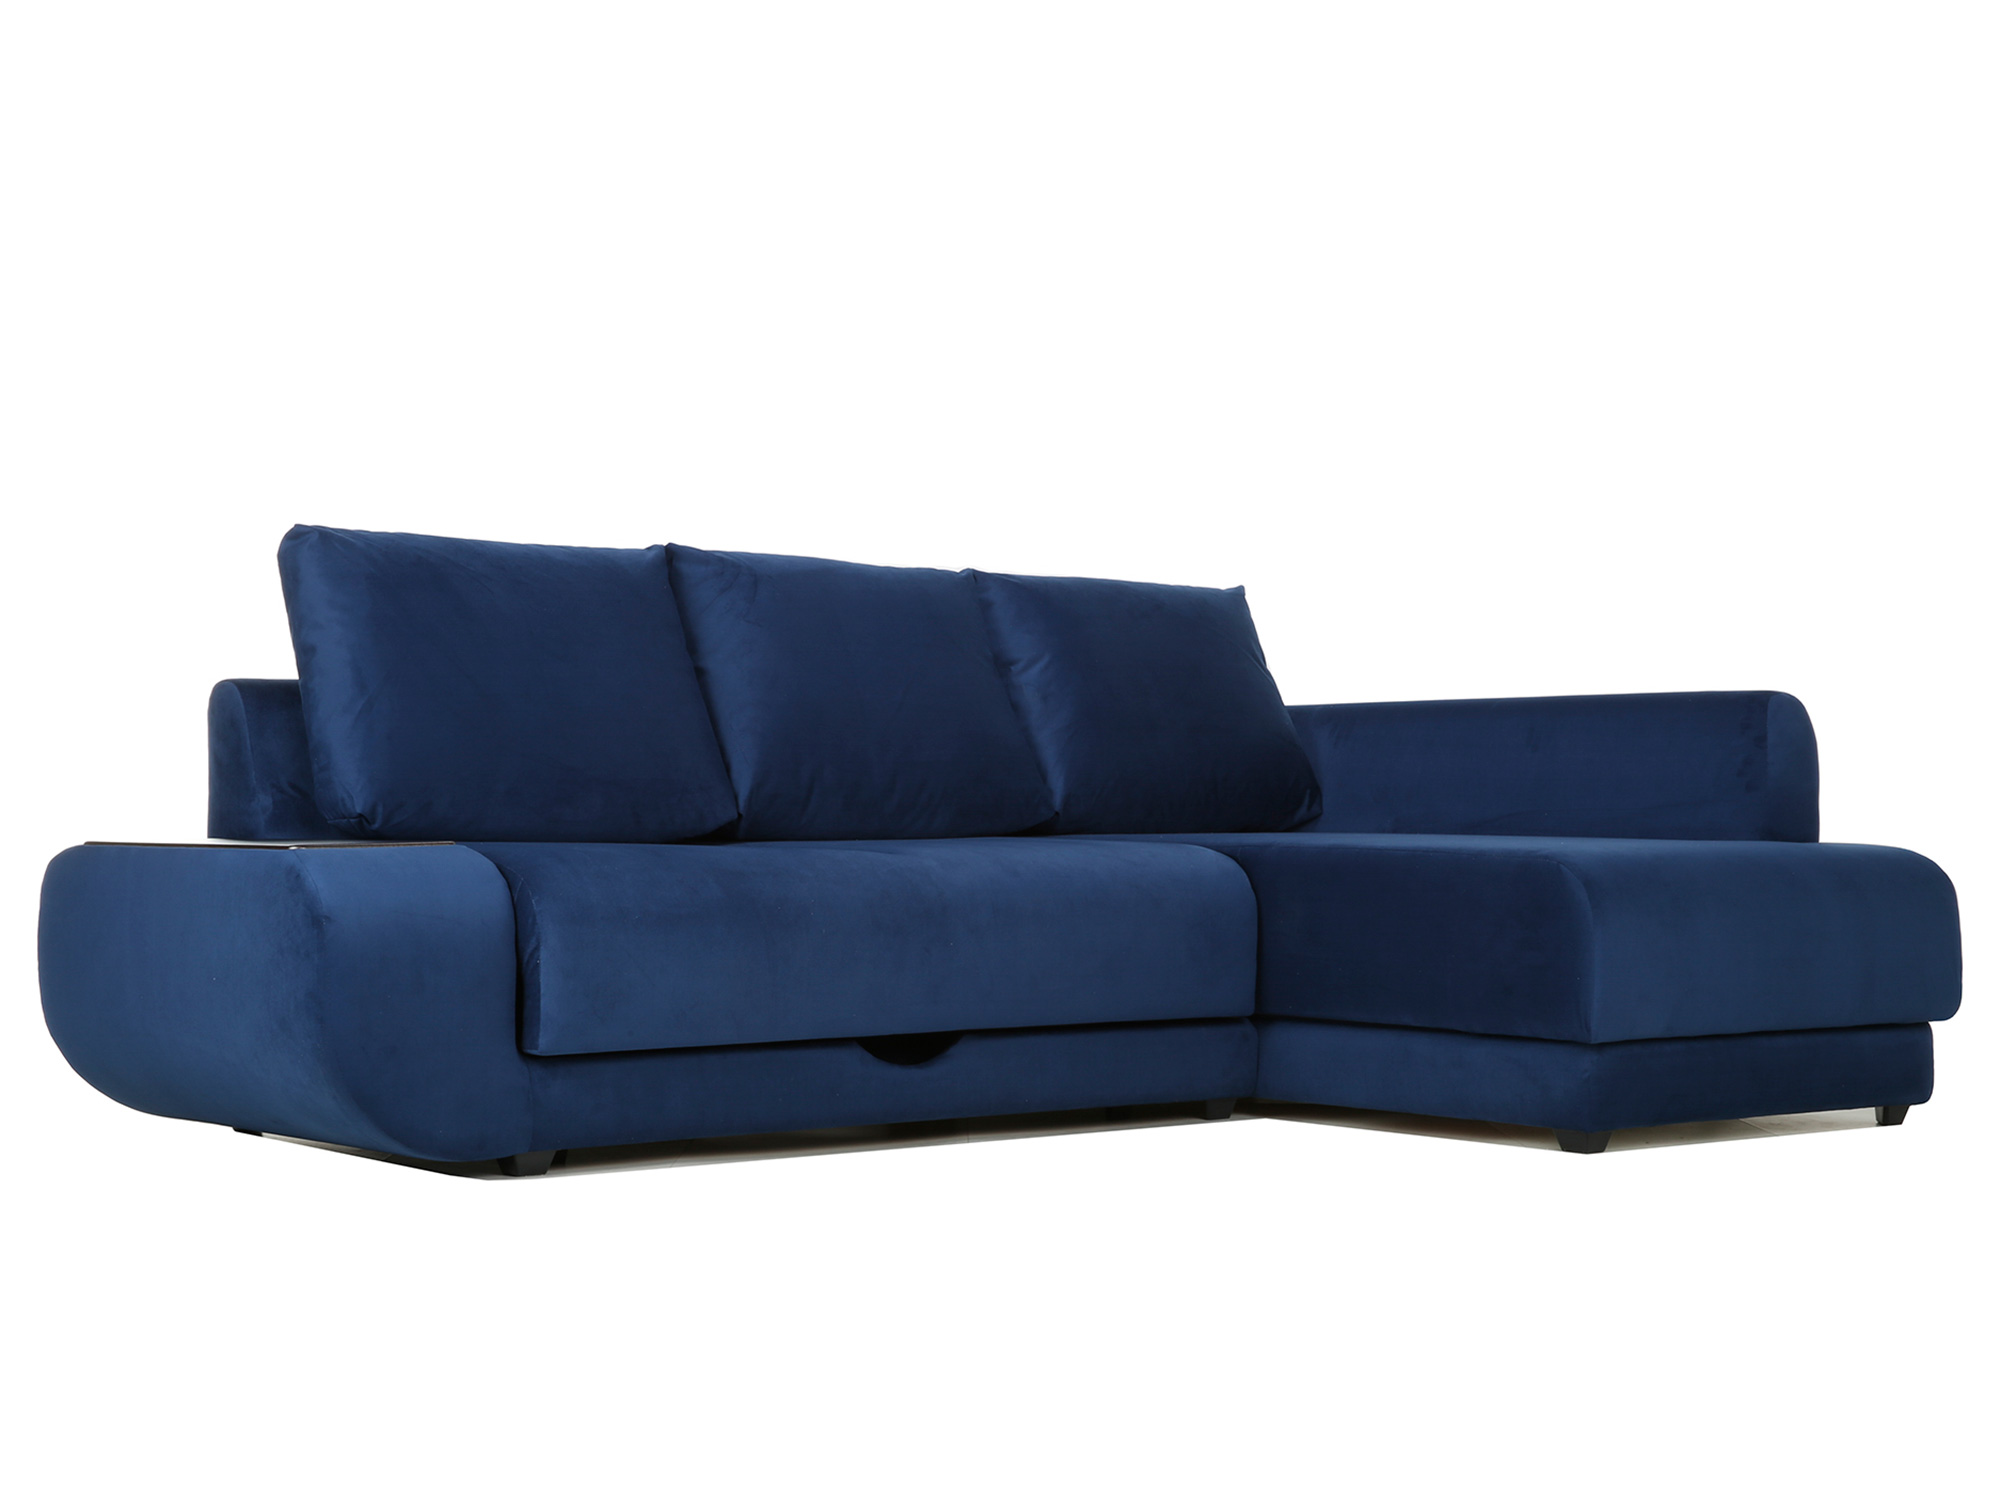 Угловой диван с независимым пружинным блоком Поло ПБ (Нью-Йорк) Правый MebelVia Синий